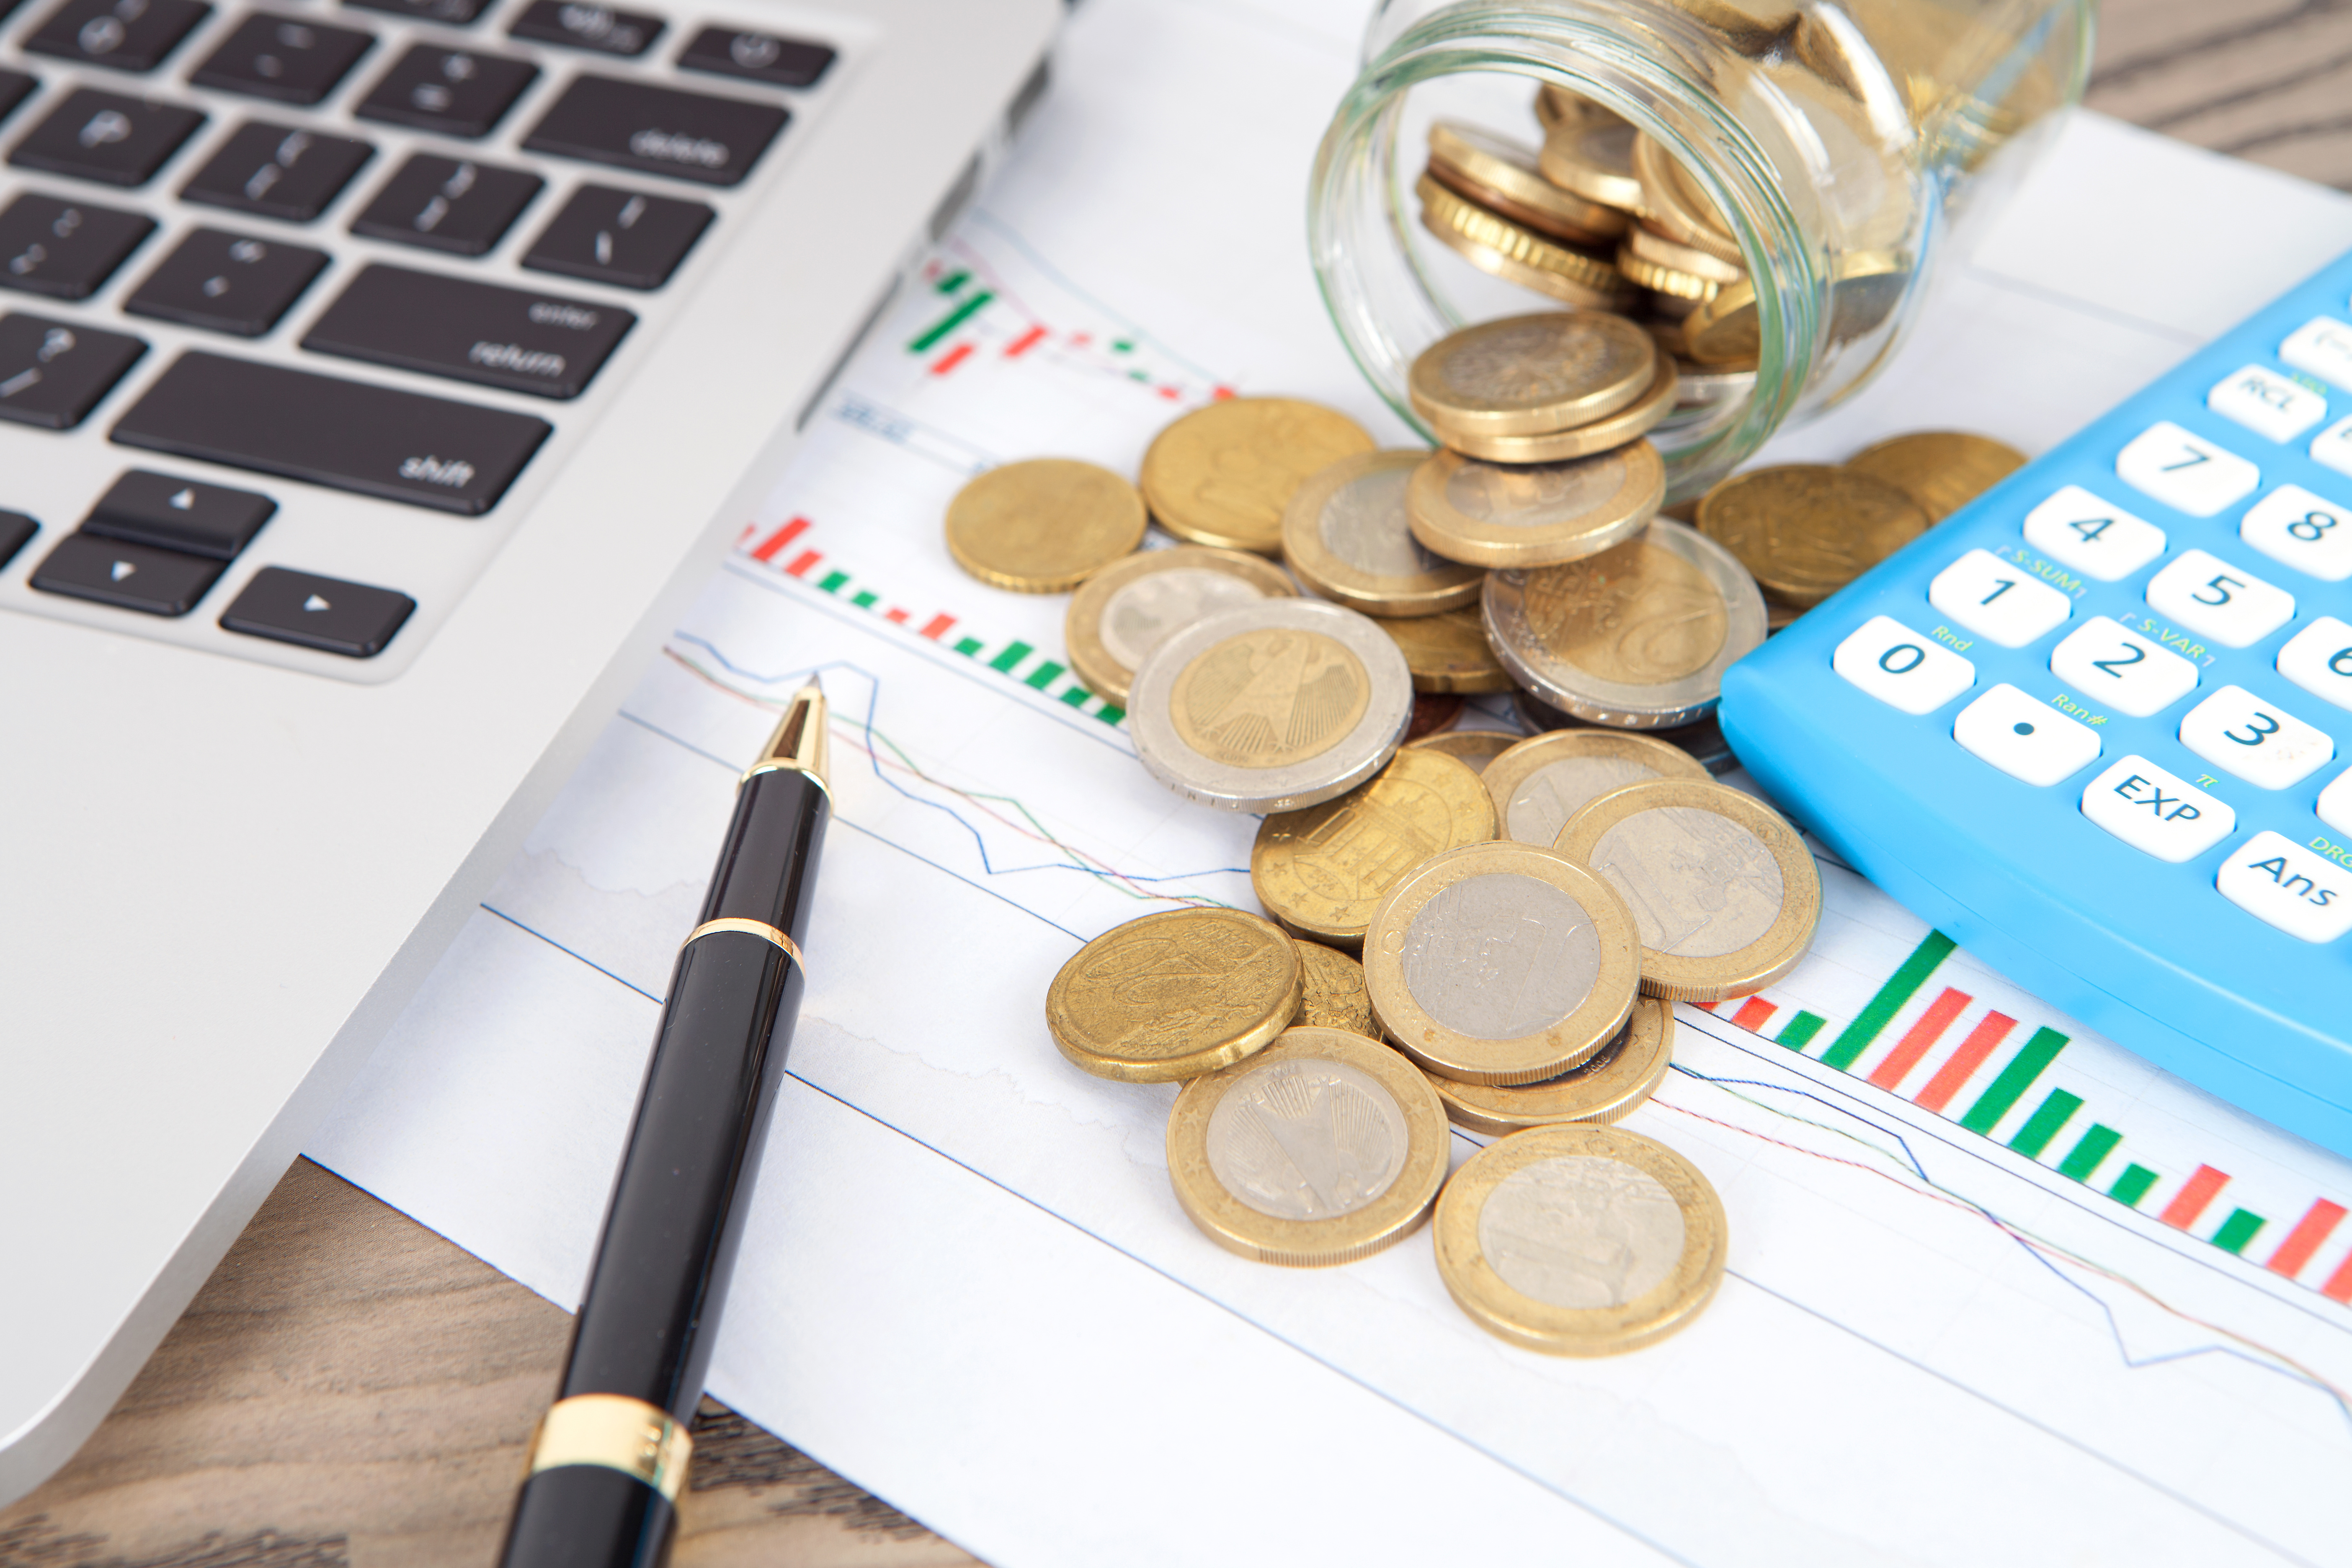 海南:8种税费按50%税额幅度减征